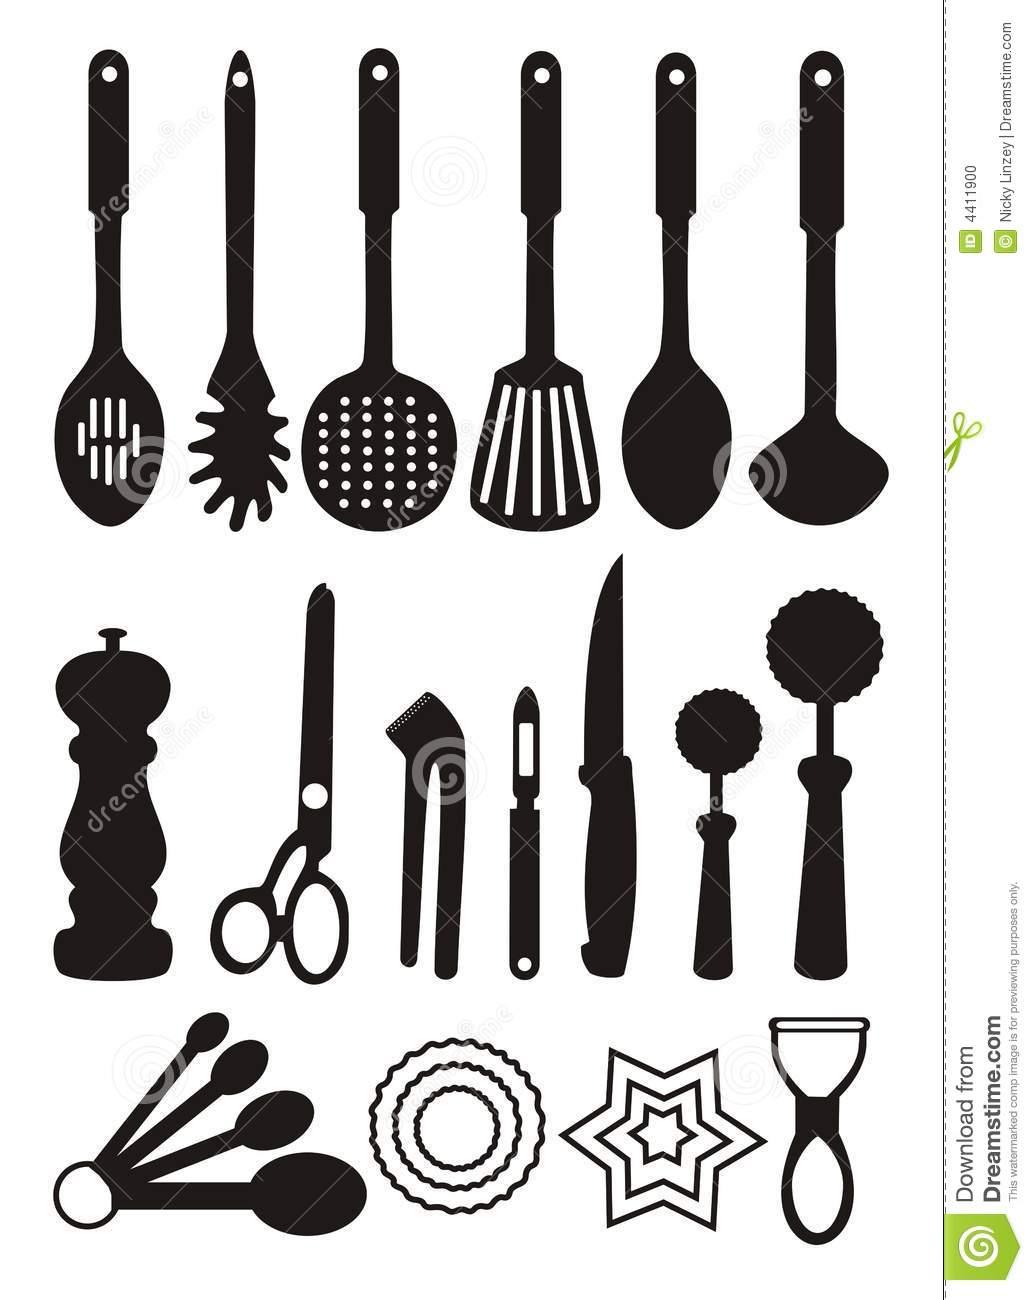 Kitchen Tools Clip Art Free La-Kitchen Tools Clip Art Free La-12